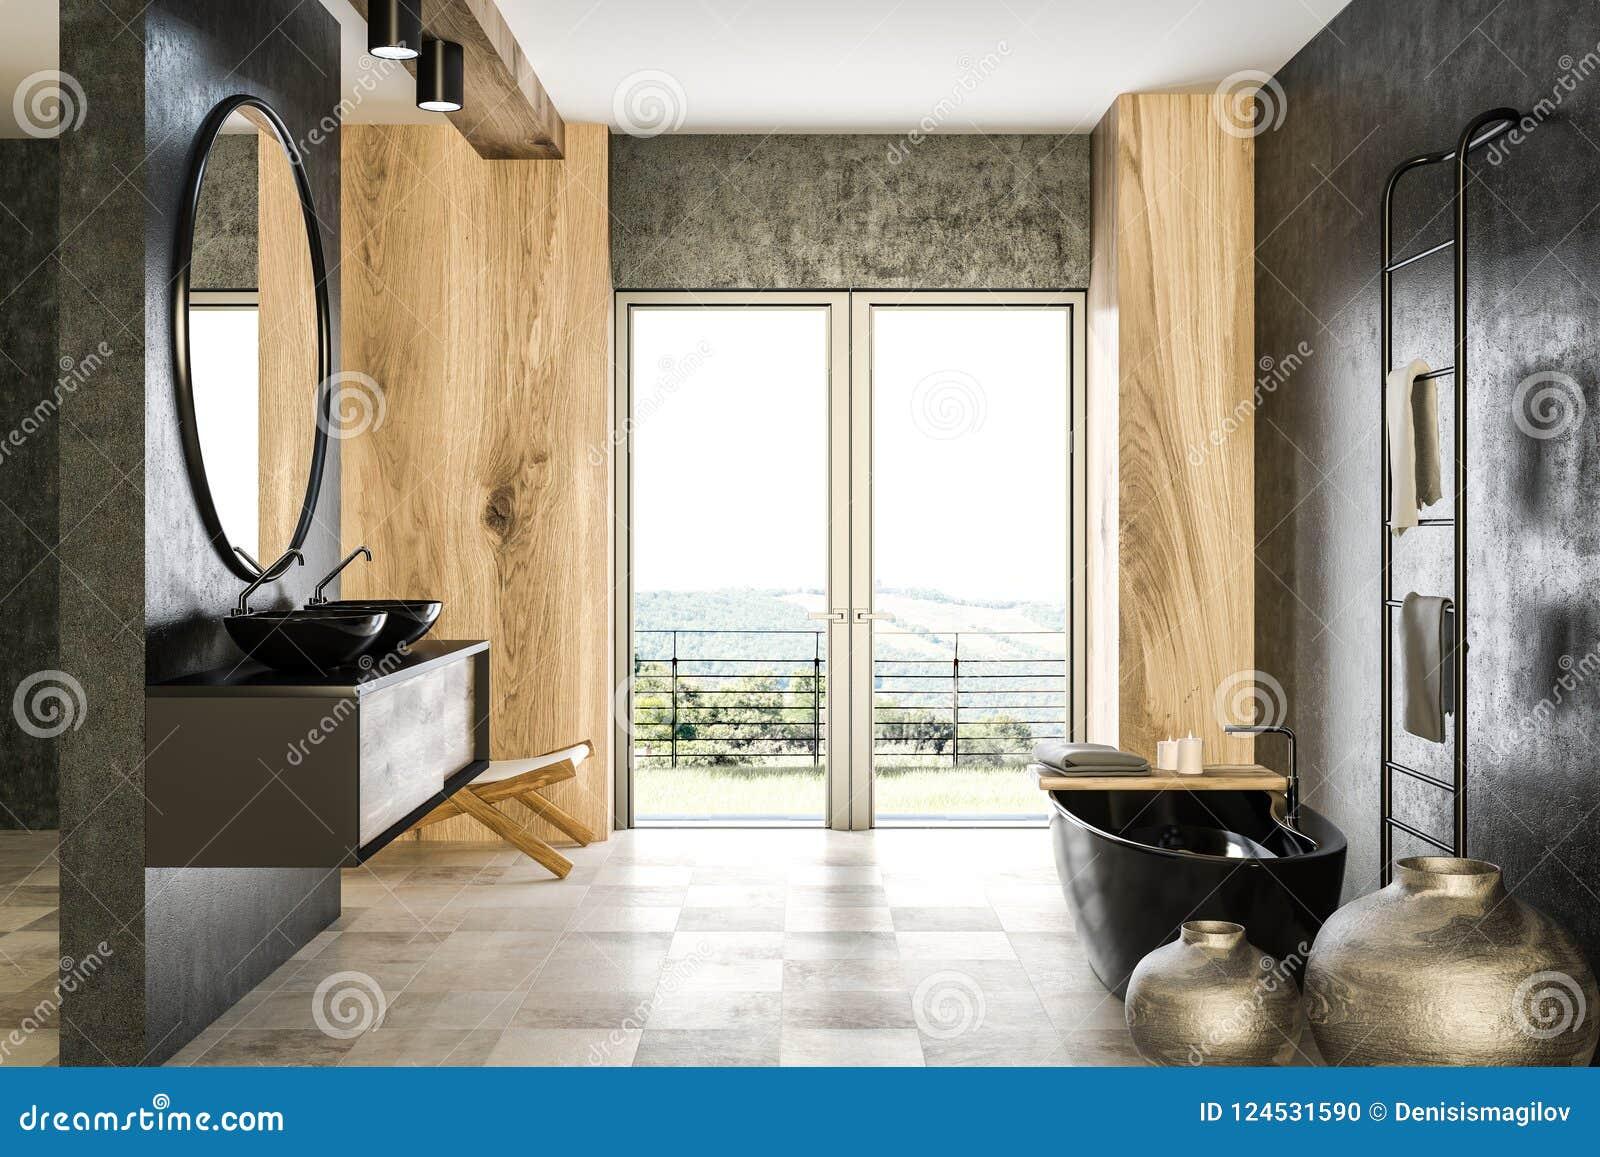 Vasca Da Bagno Francia : Bagno concreto e di legno interno vasca nera illustrazione di